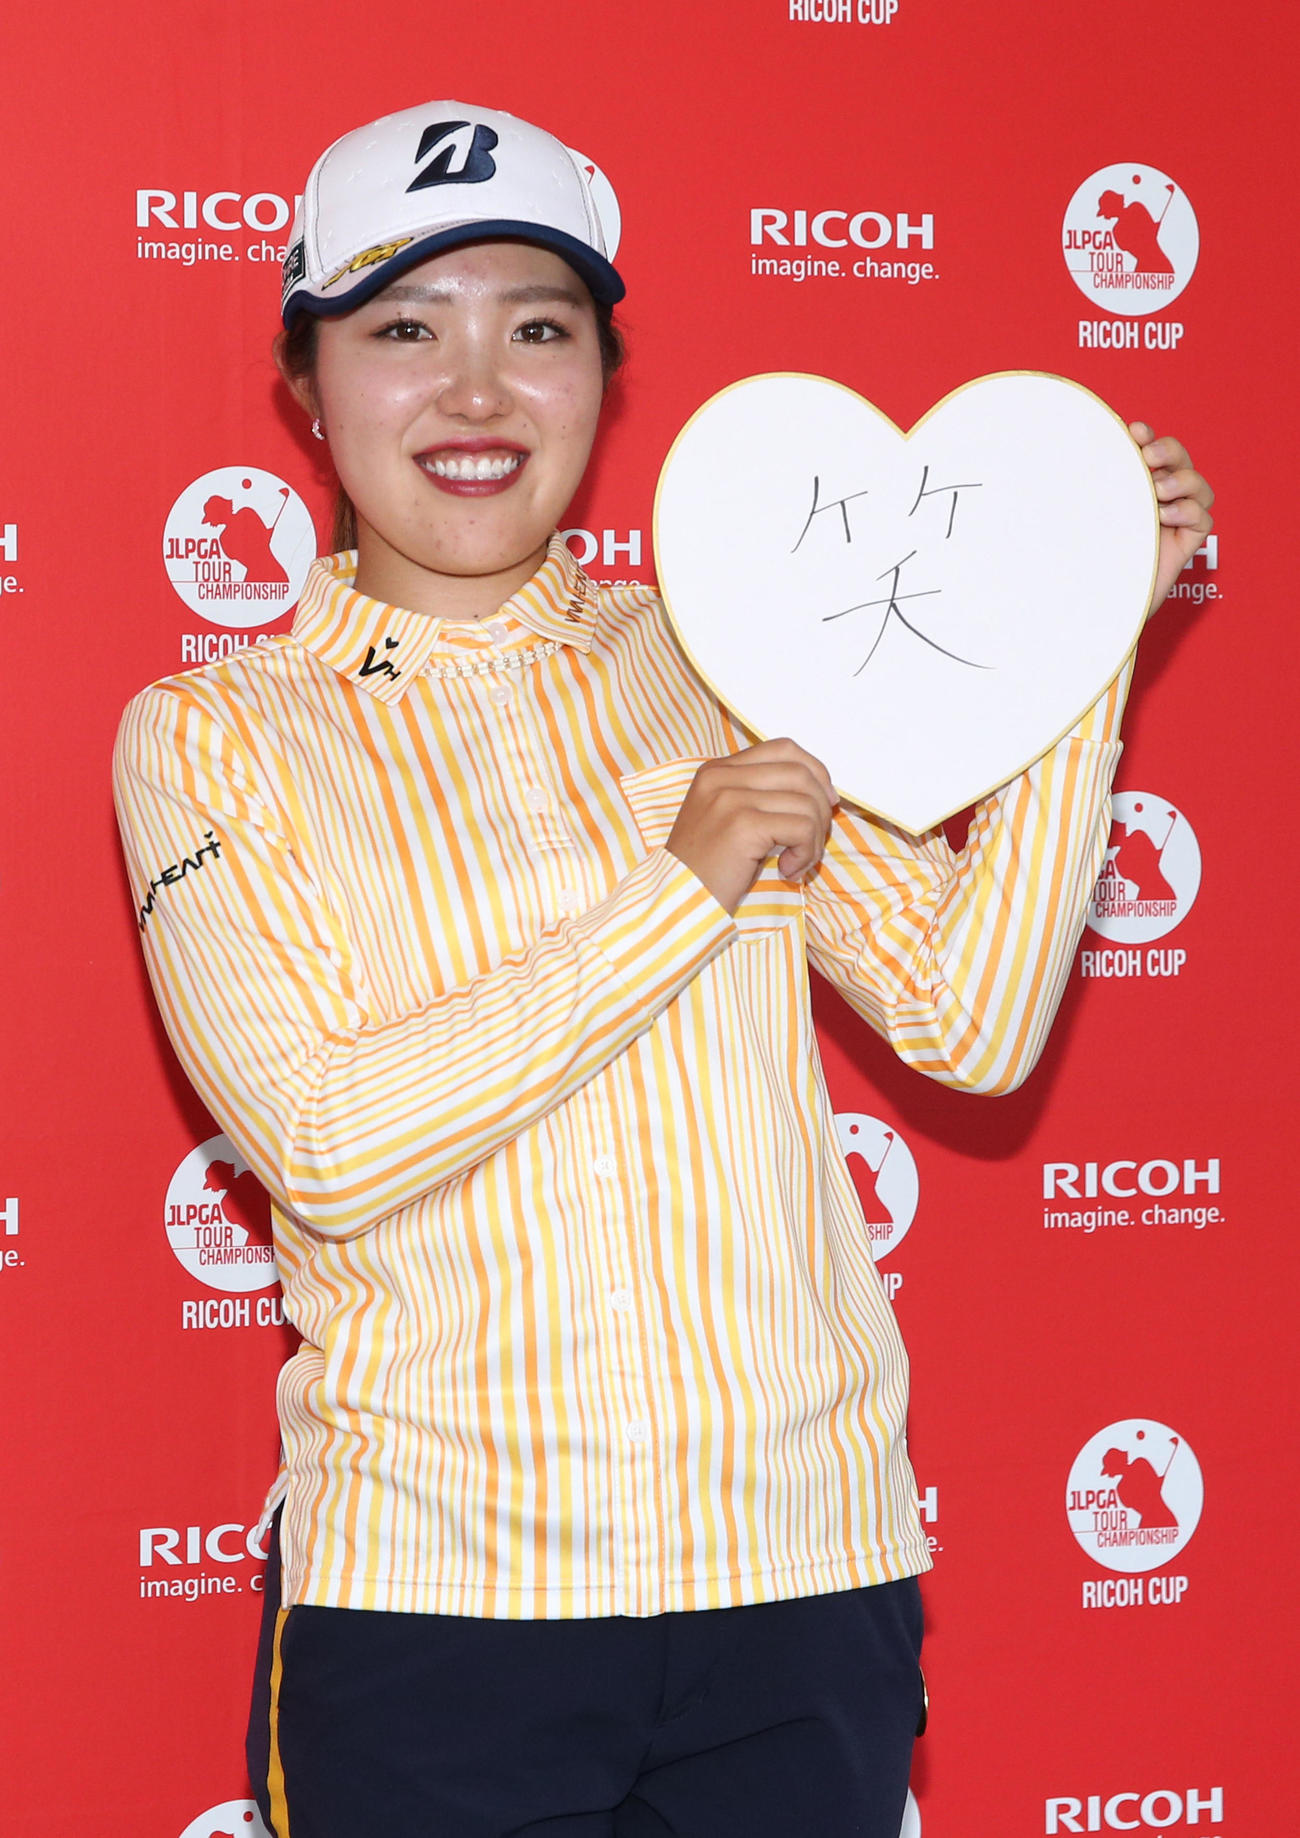 古江は、今年を表す漢字を「笑」と書き笑顔を見せる(撮影・上山淳一)